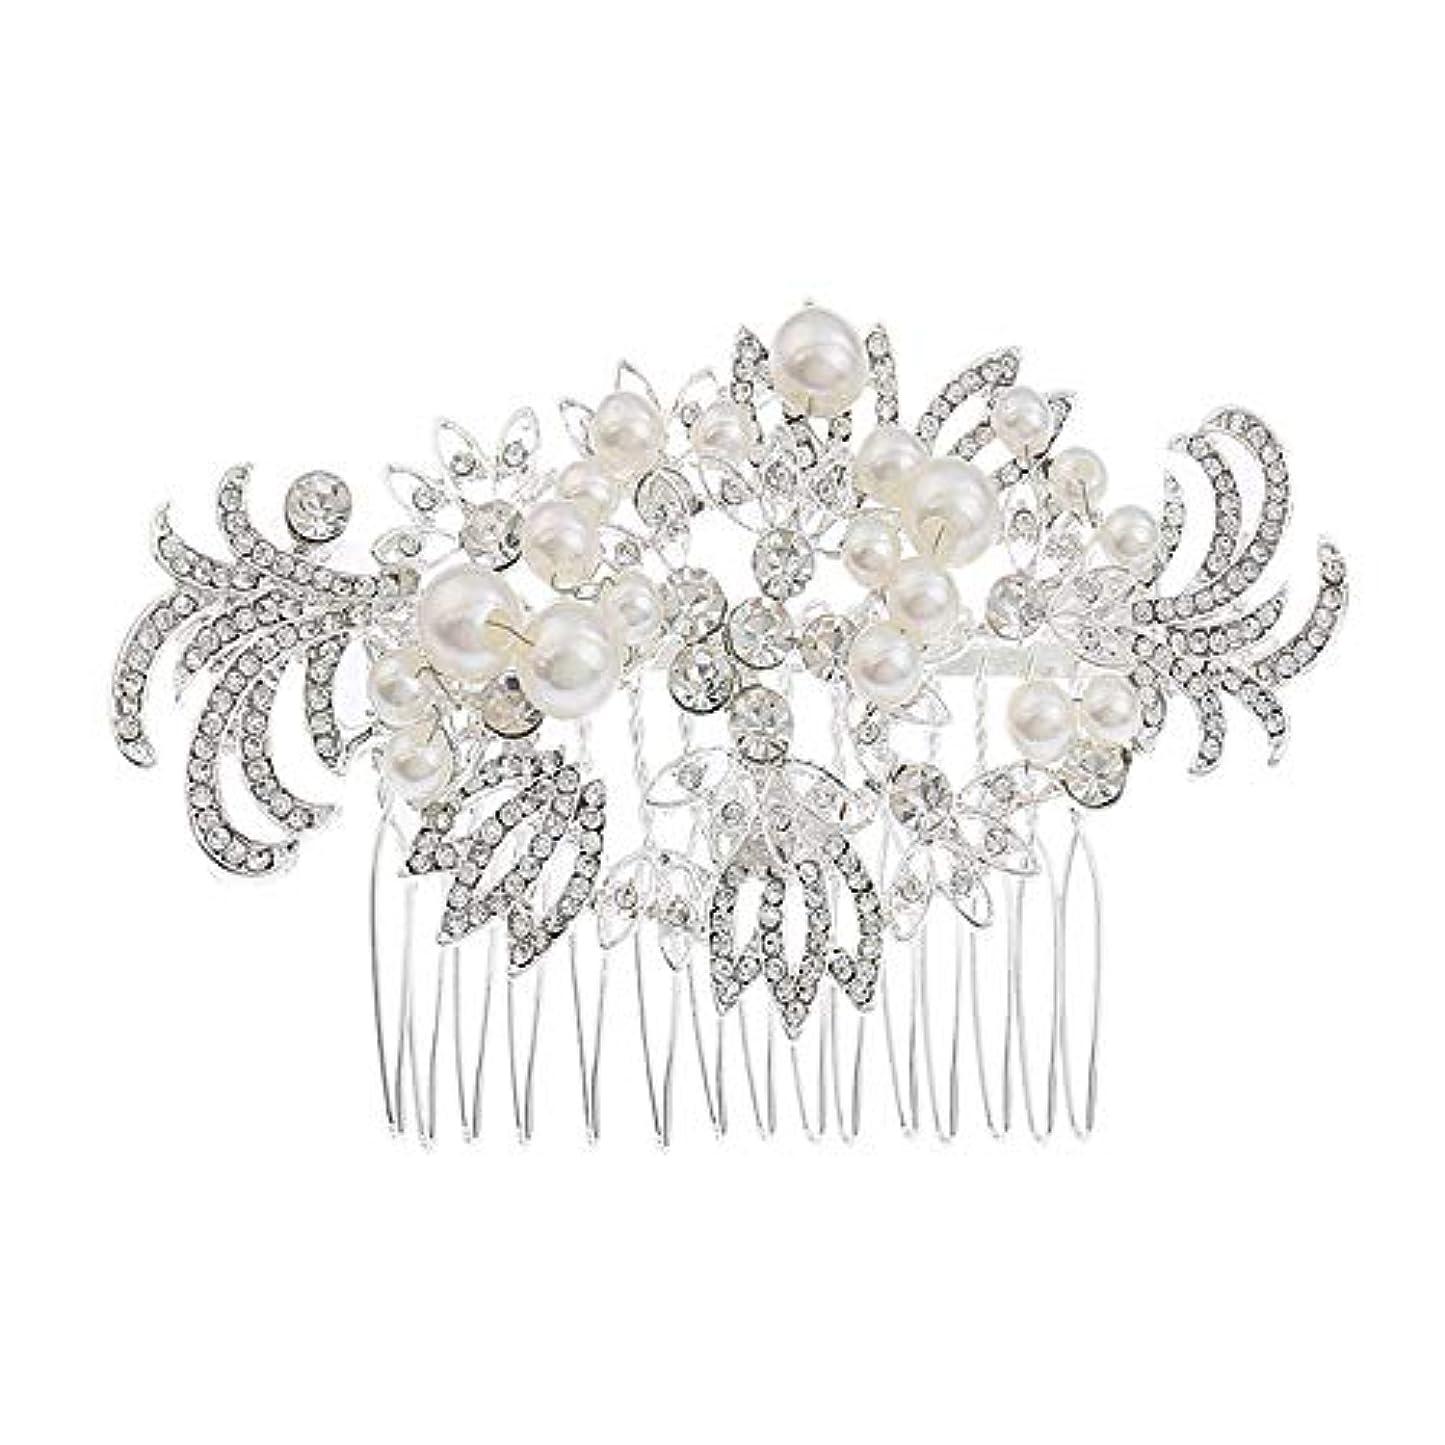 焦げ鳴らすフレキシブル髪の櫛挿入櫛花嫁の髪櫛真珠の髪の櫛ラインストーンの髪の櫛結婚式のヘアアクセサリー合金の帽子ブライダルヘッドドレス